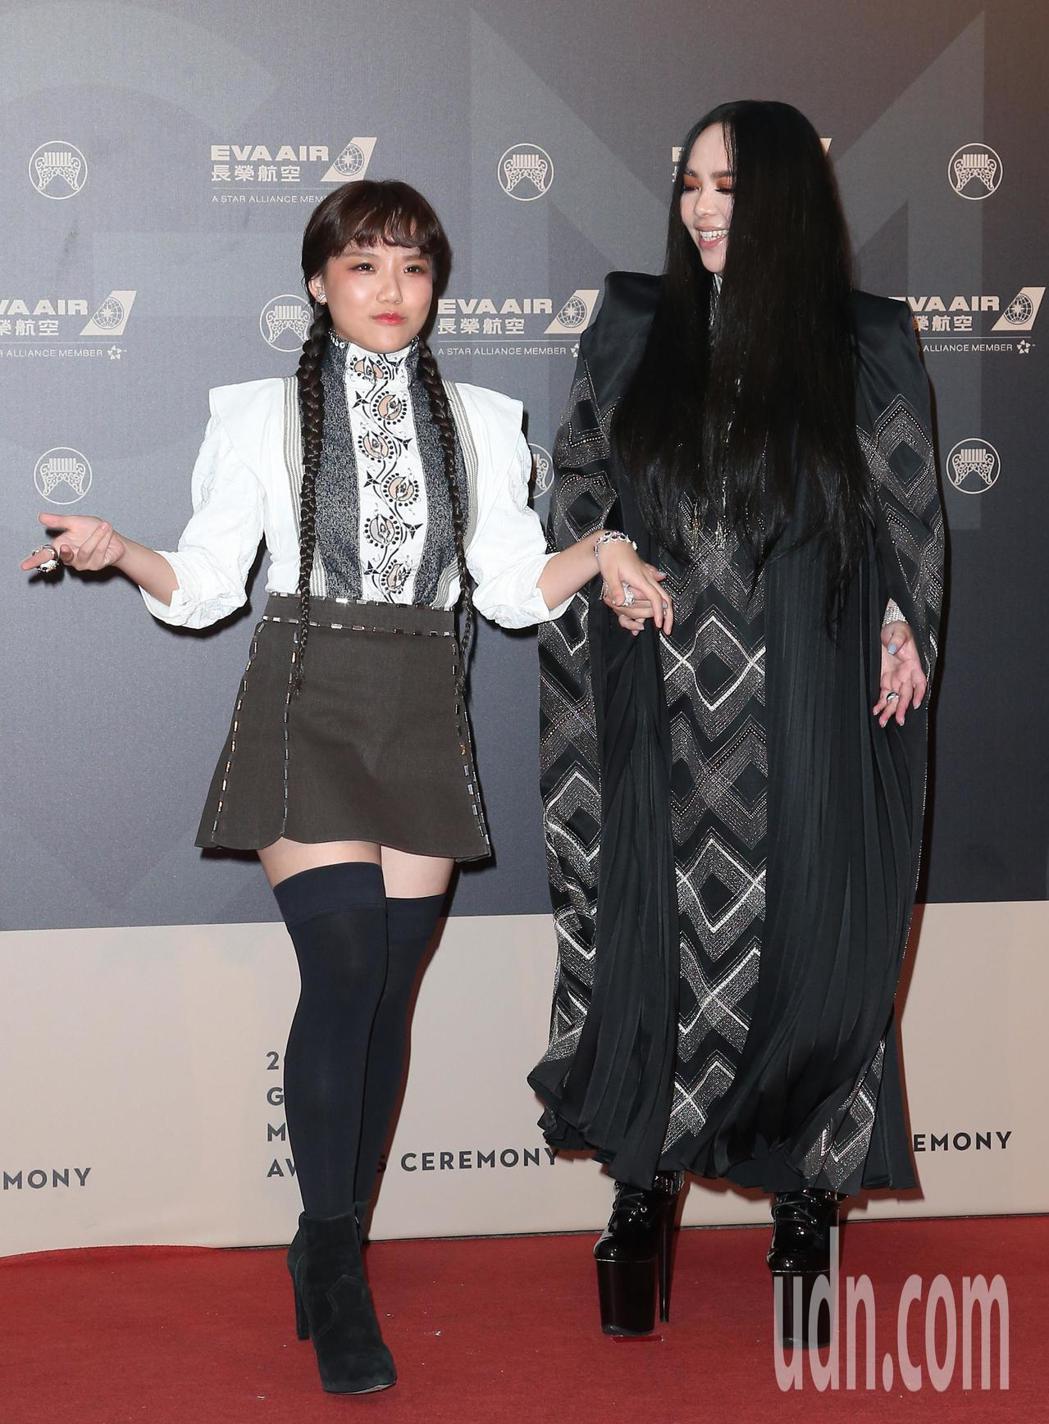 29屆金曲獎,張惠妹(右)與安那(左)走星光大道。記者陳立凱/攝影